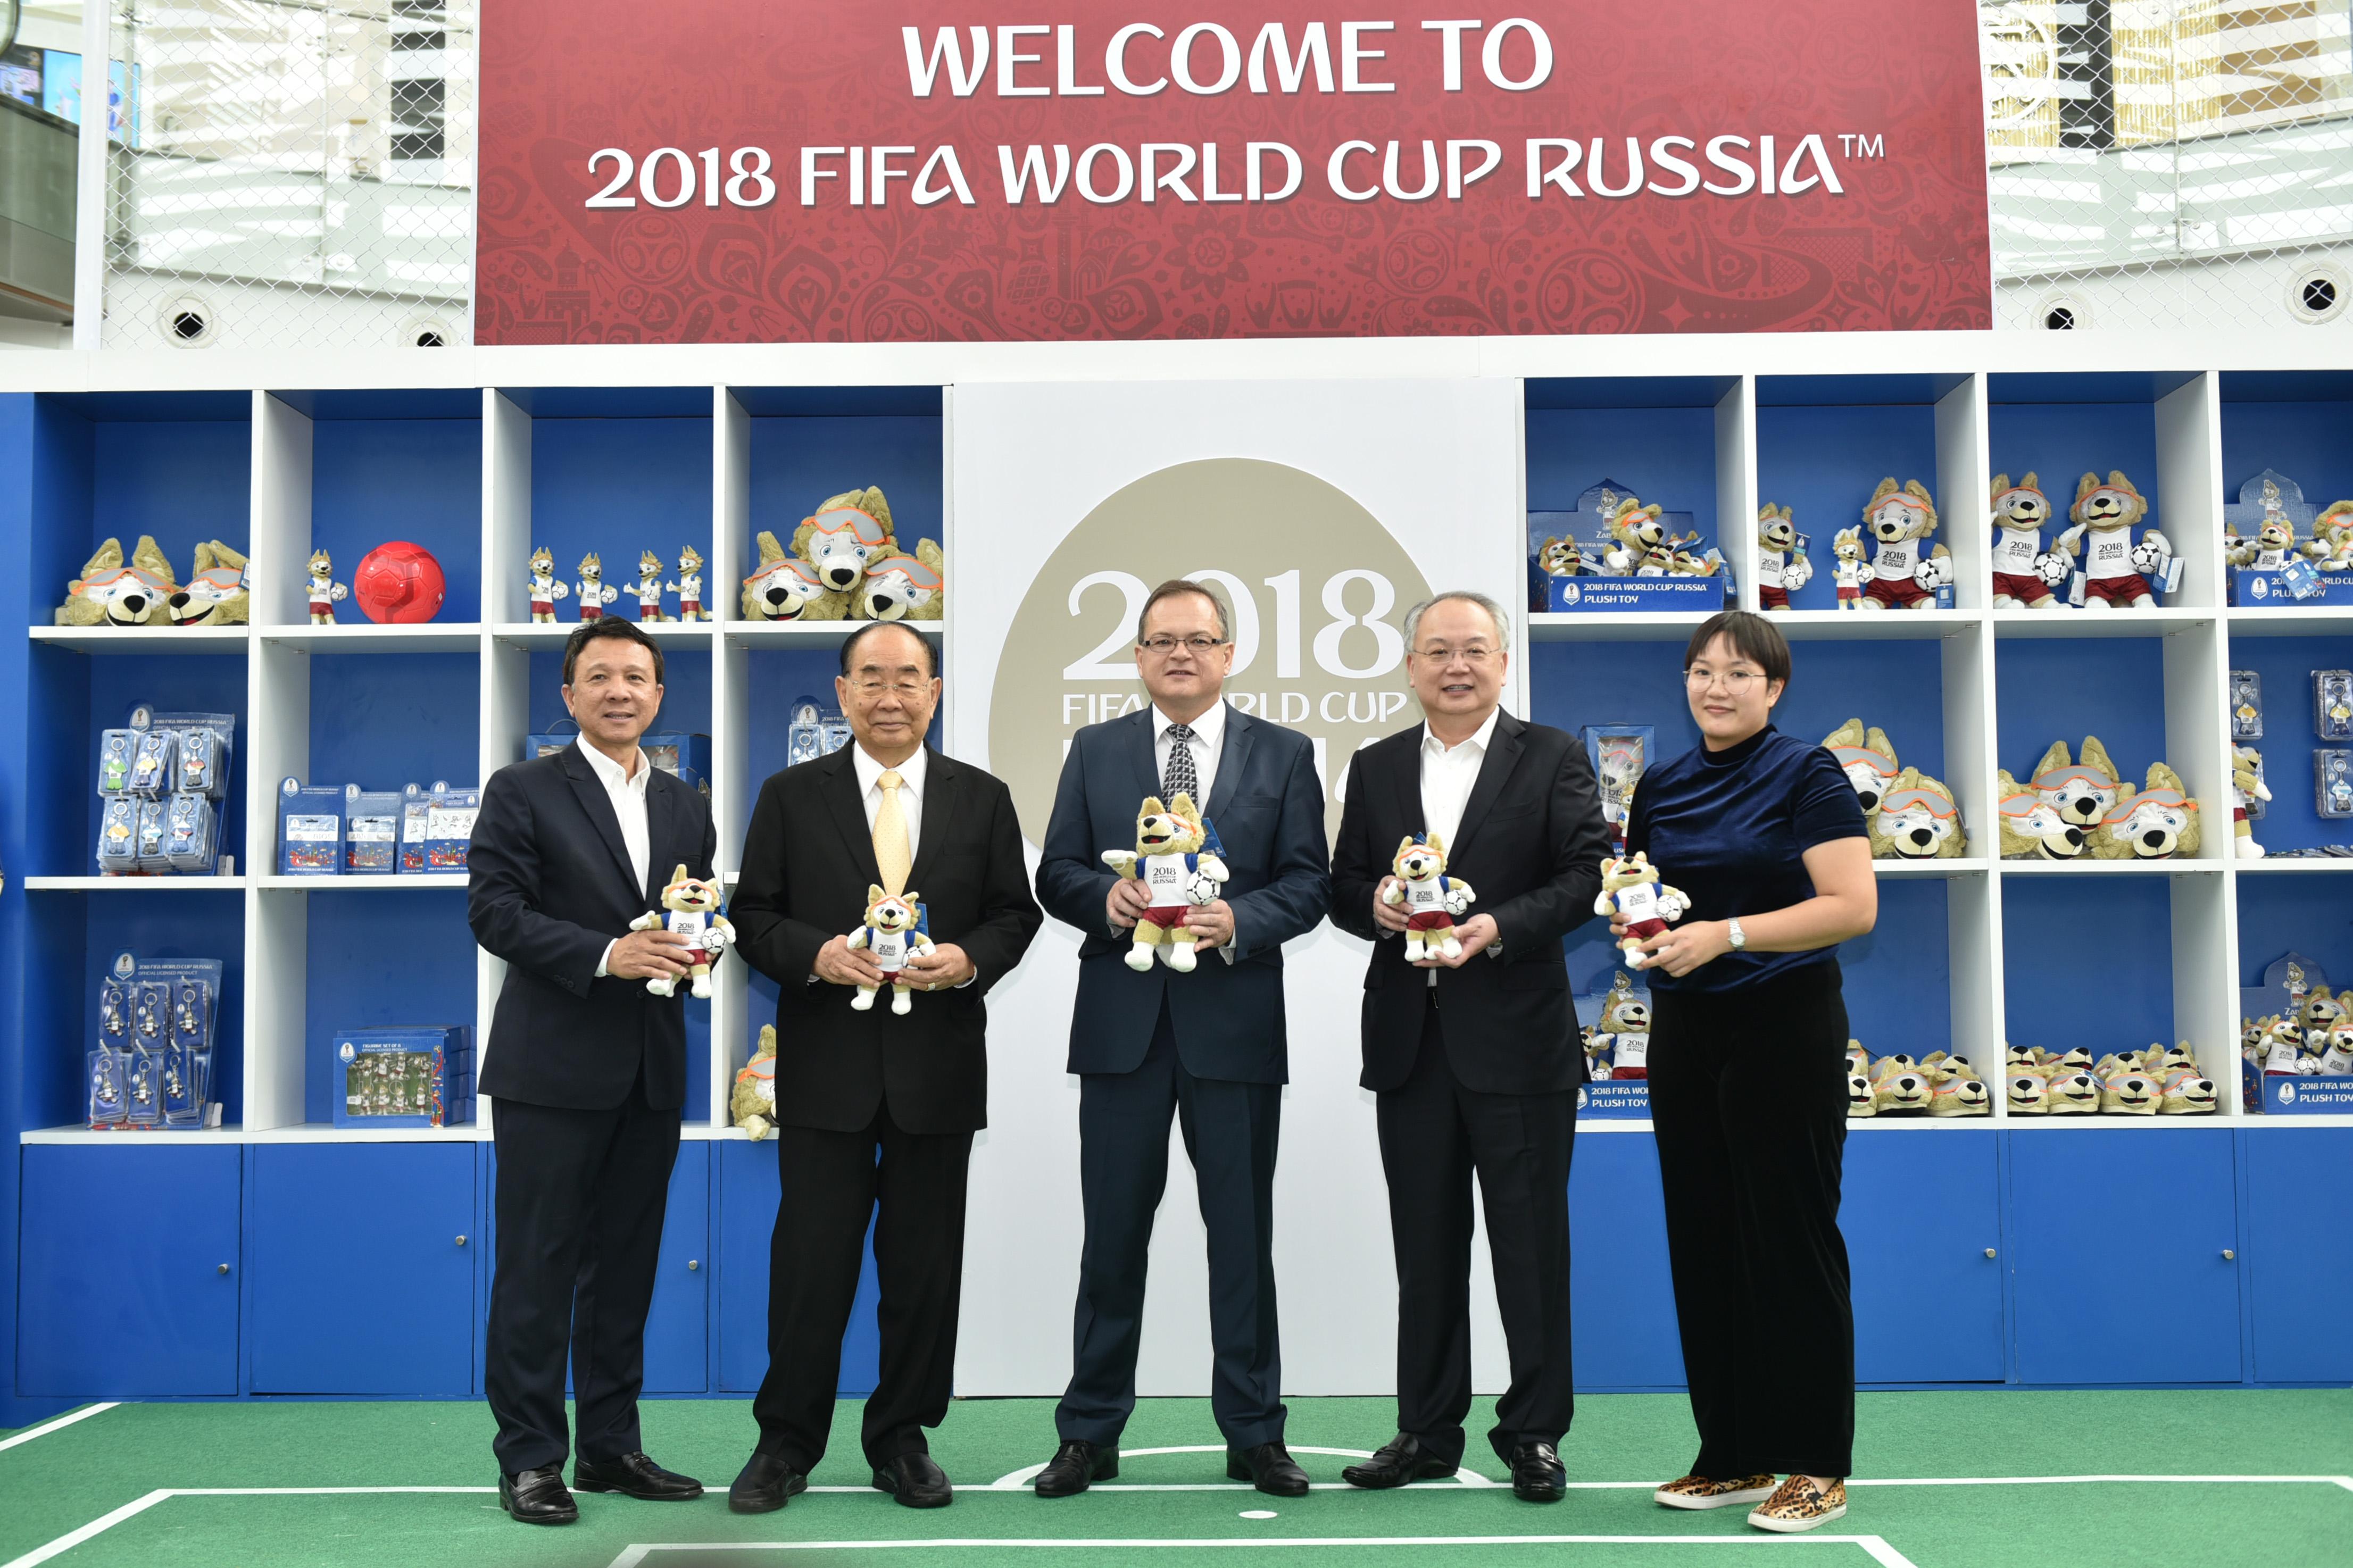 คิง เพาเวอร์ เปิดตัวร้านค้าจำหน่ายสินค้าที่ระลึกฟุตบอลโลก 2018 FIFA World Cup Russia™